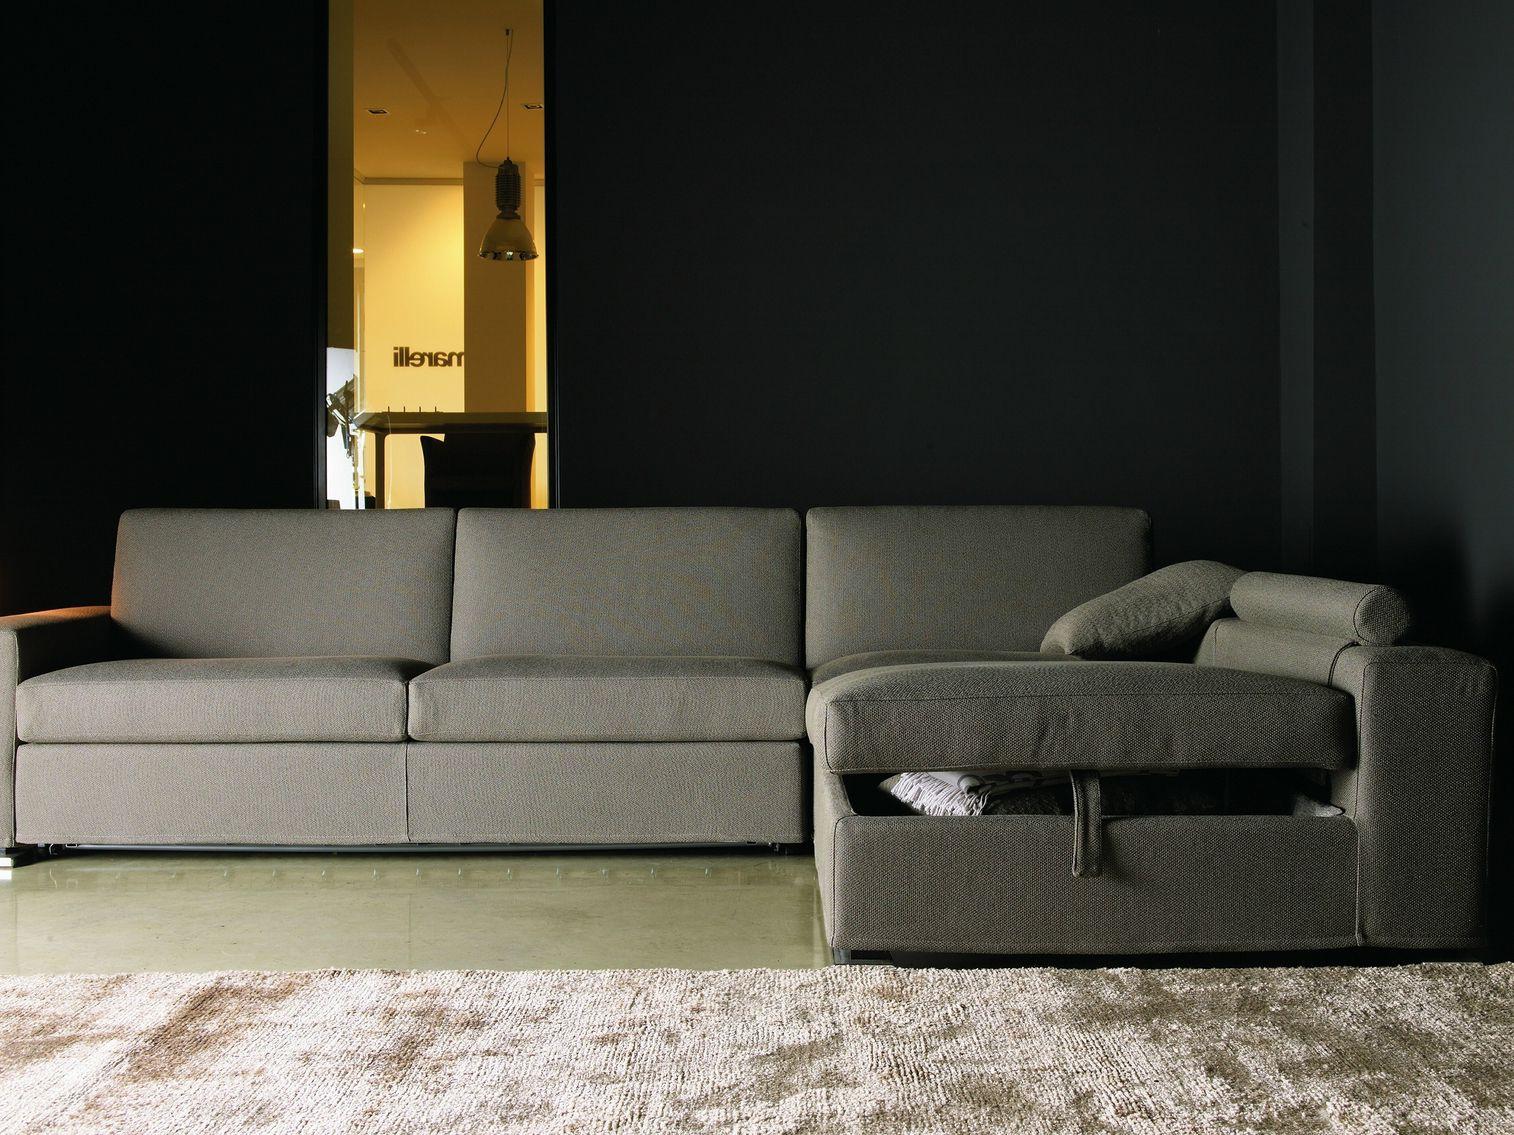 Plus divano letto in tessuto by giulio marelli italia - Divano letto in tessuto ...